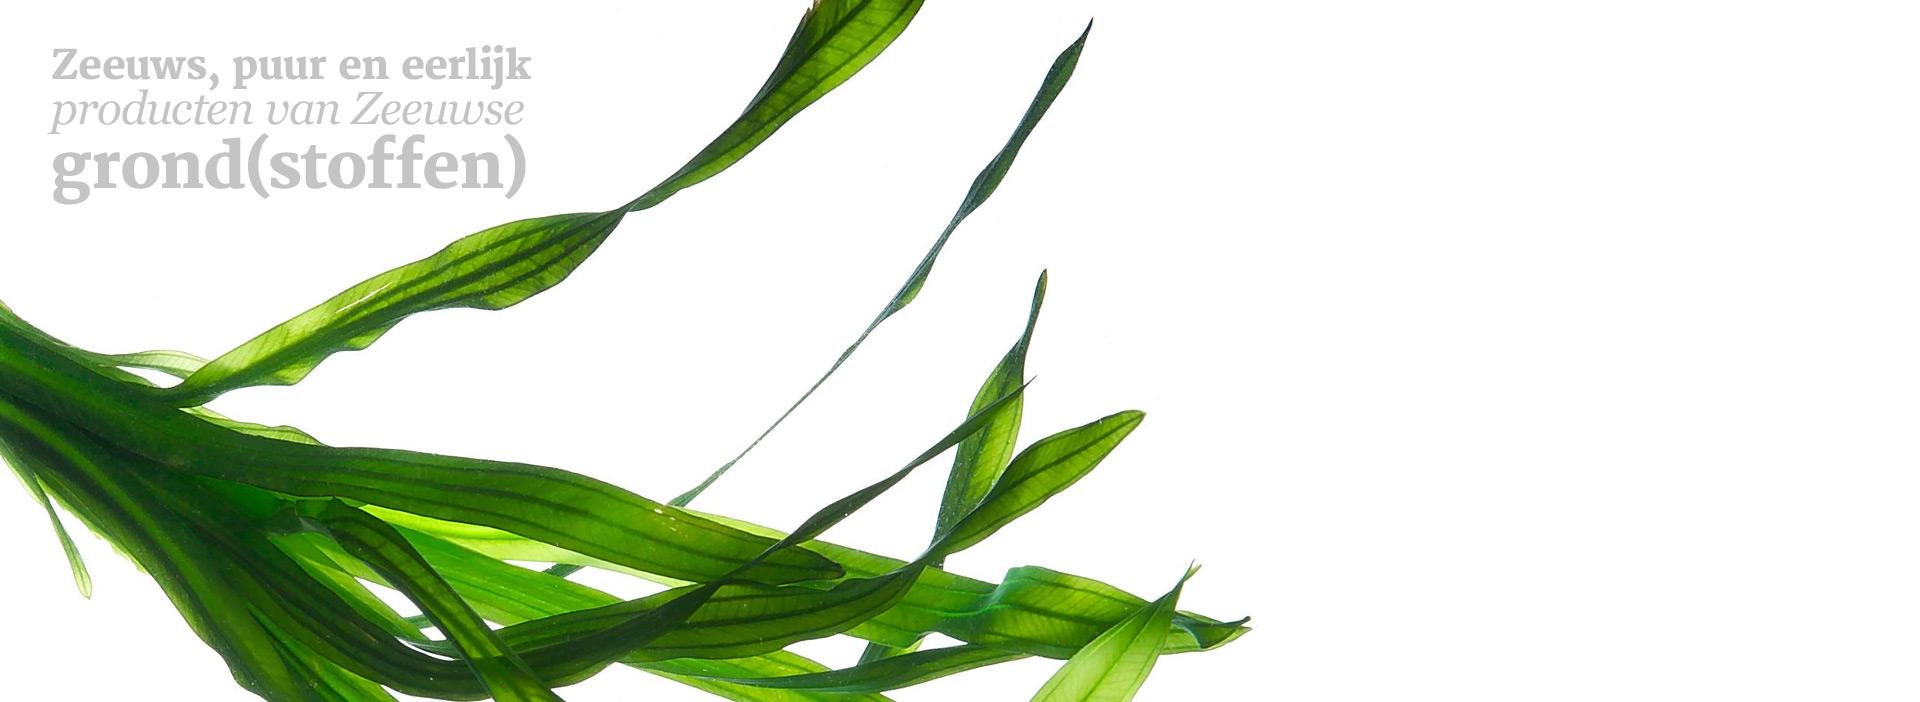 weed-seaweed-nature-rare-com-11047462